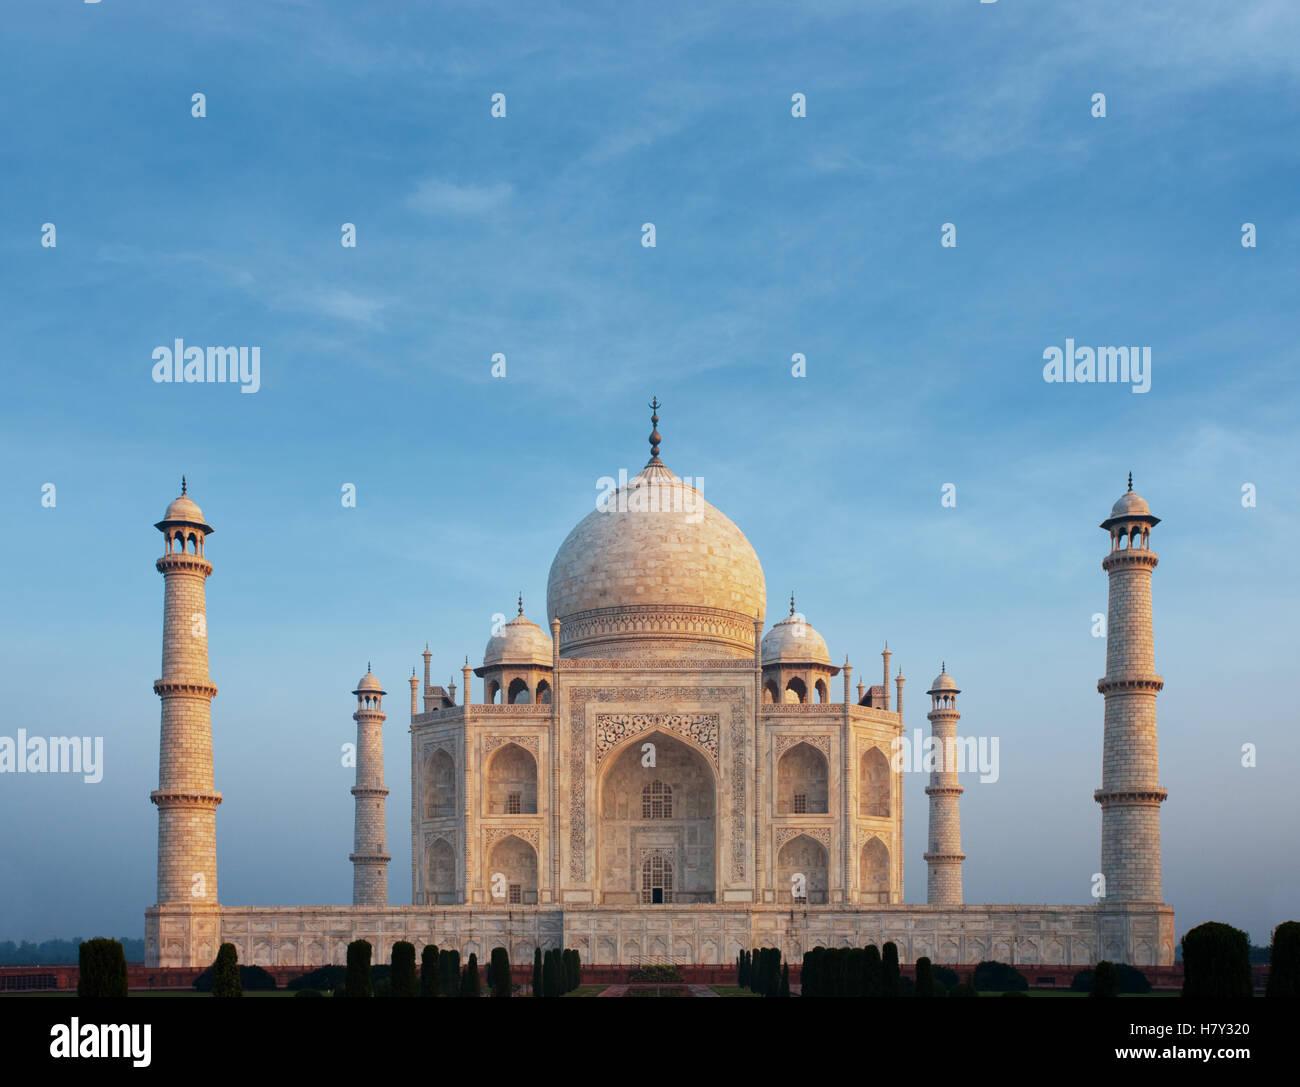 Una hermosa mañana halo naranja en frente de la fachada de mármol del icónico Taj Mahal centrada Imagen De Stock